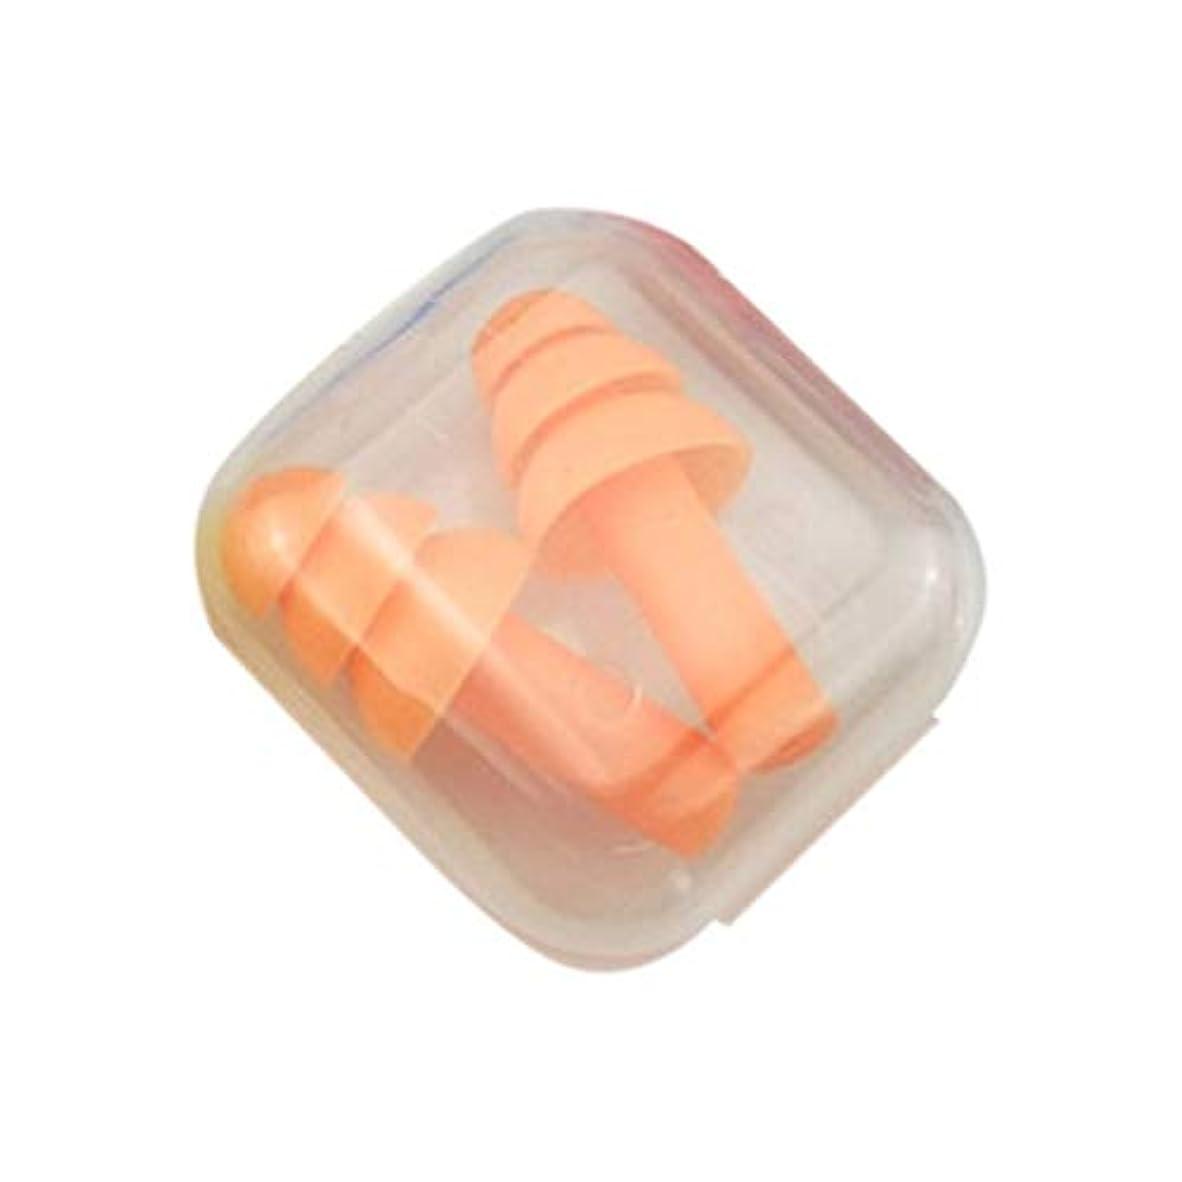 まもなく小包サーフィン柔らかいシリコーンの耳栓遮音用耳の保護用の耳栓防音睡眠ボックス付き収納ボックス - オレンジ